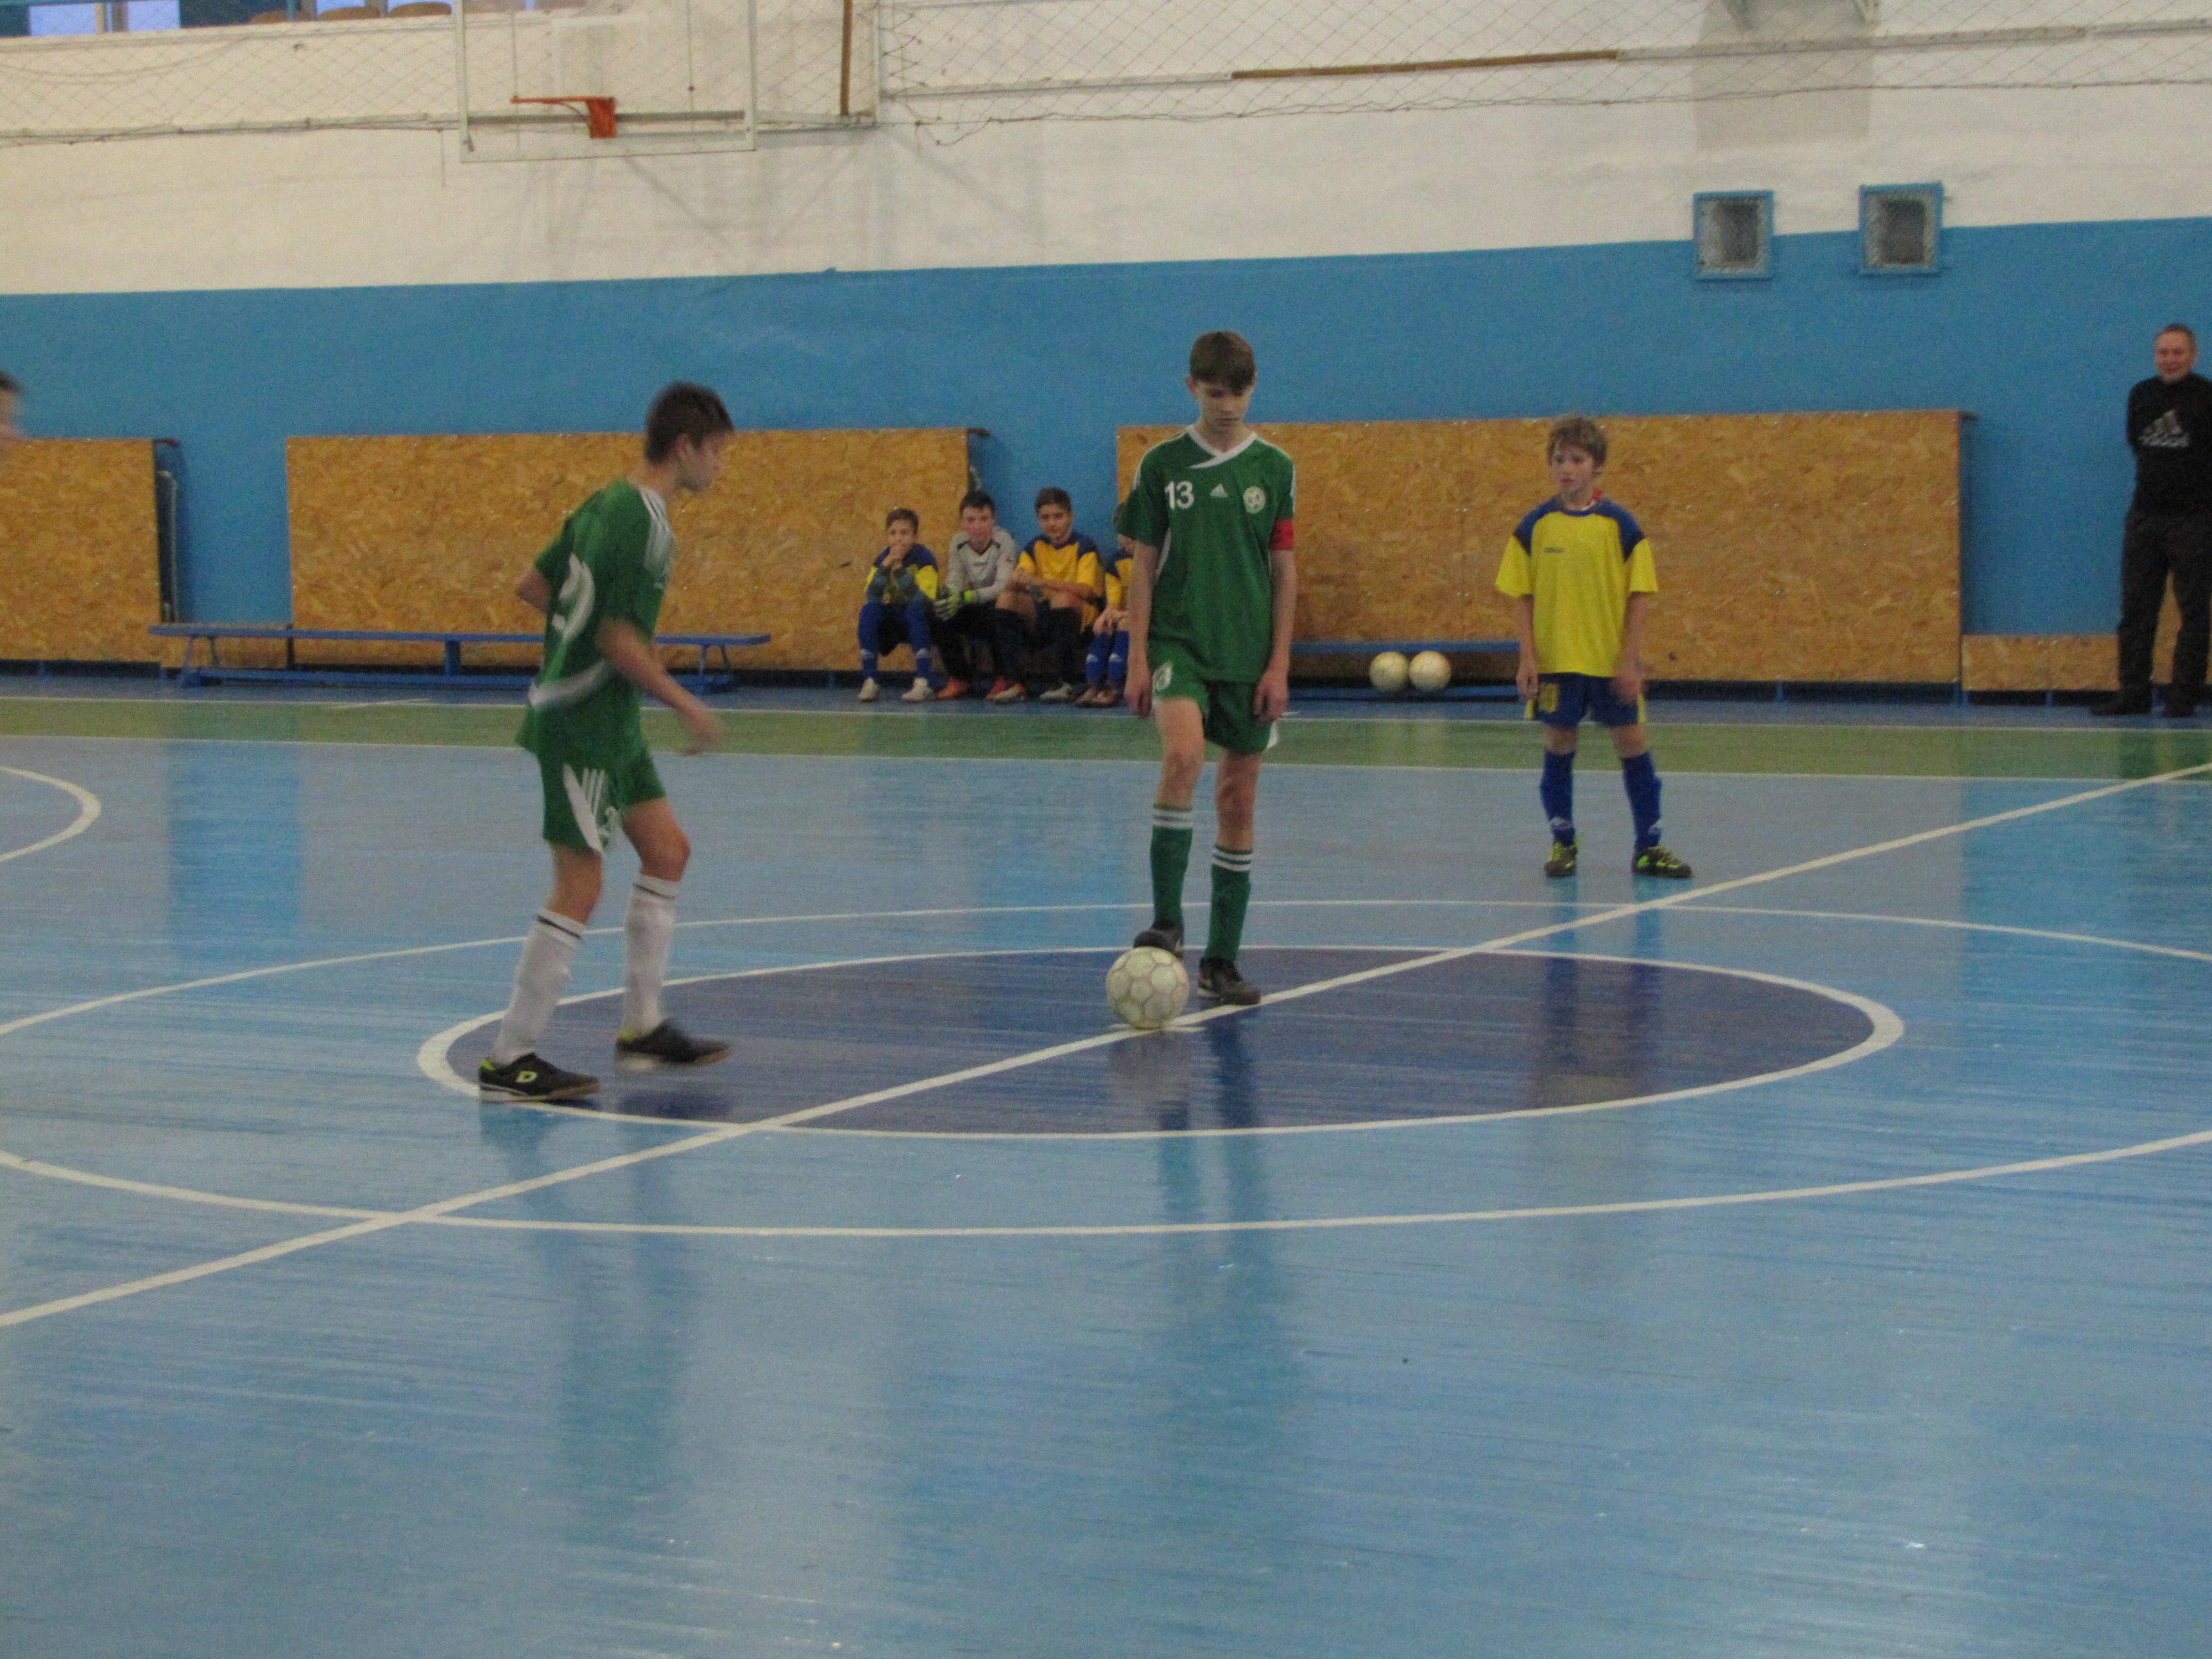 21-22 січня в спорткомплексі ДЮКФП №5 м. Херсону відбулися зональні змагання Чемпіонату Херсонської області з футзалу серед юнаків 2003-2004 років народження